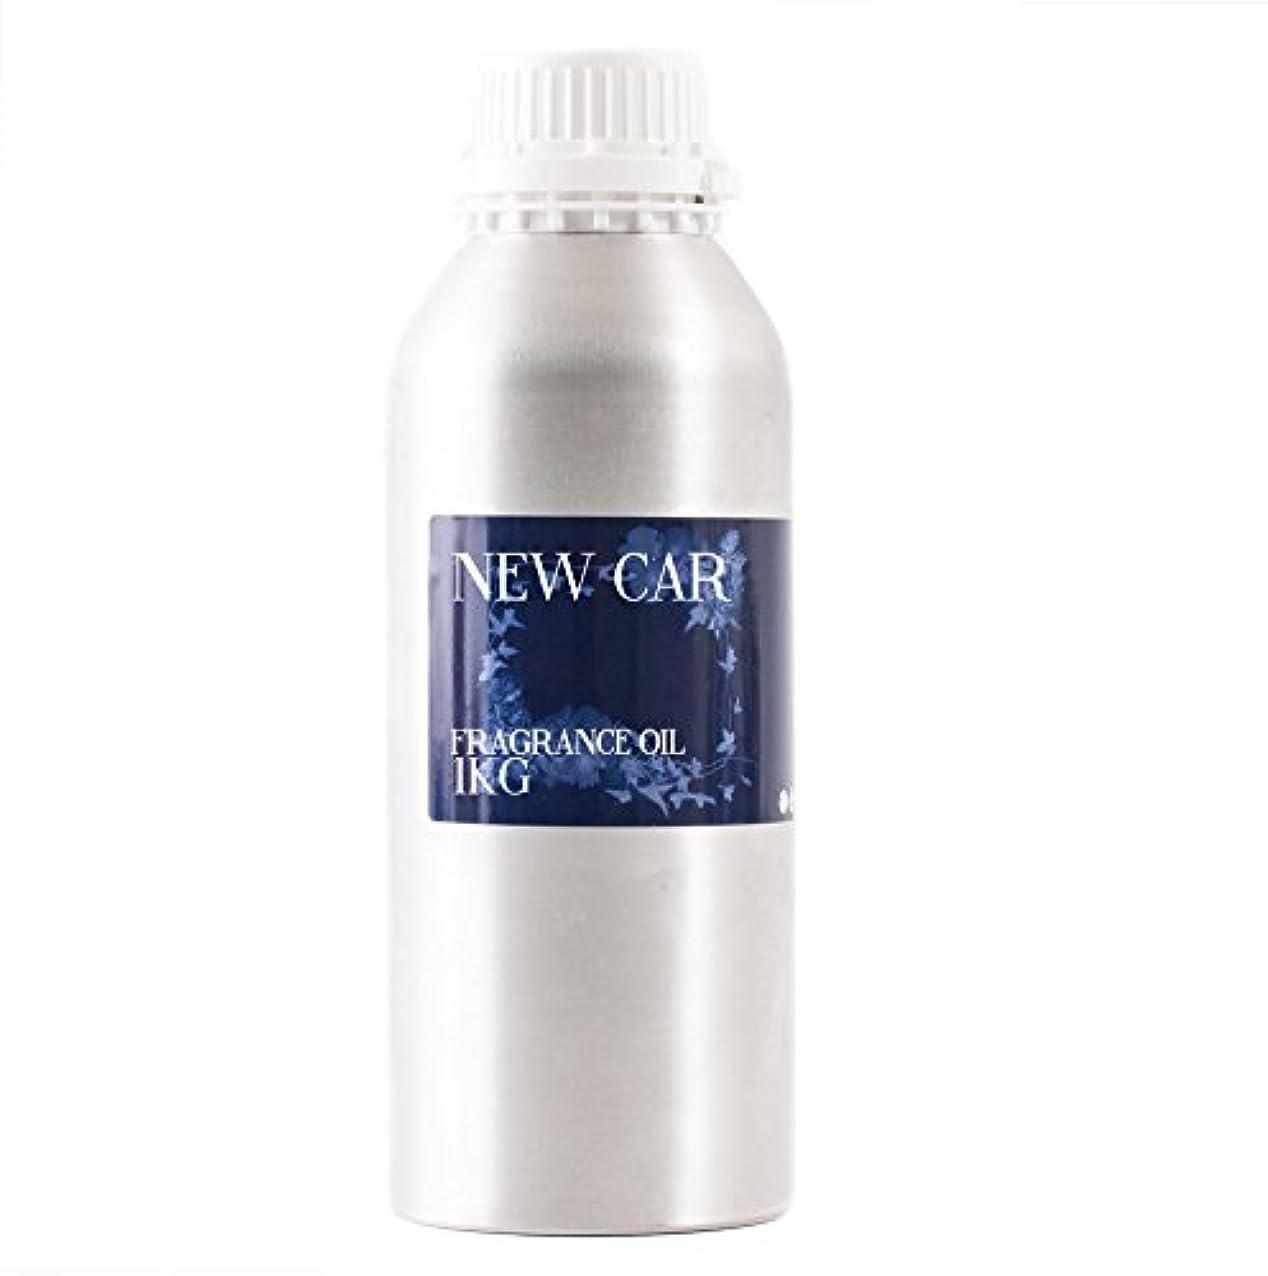 脳作りますグリーンバックMystic Moments | New Car Fragrance Oil - 1Kg